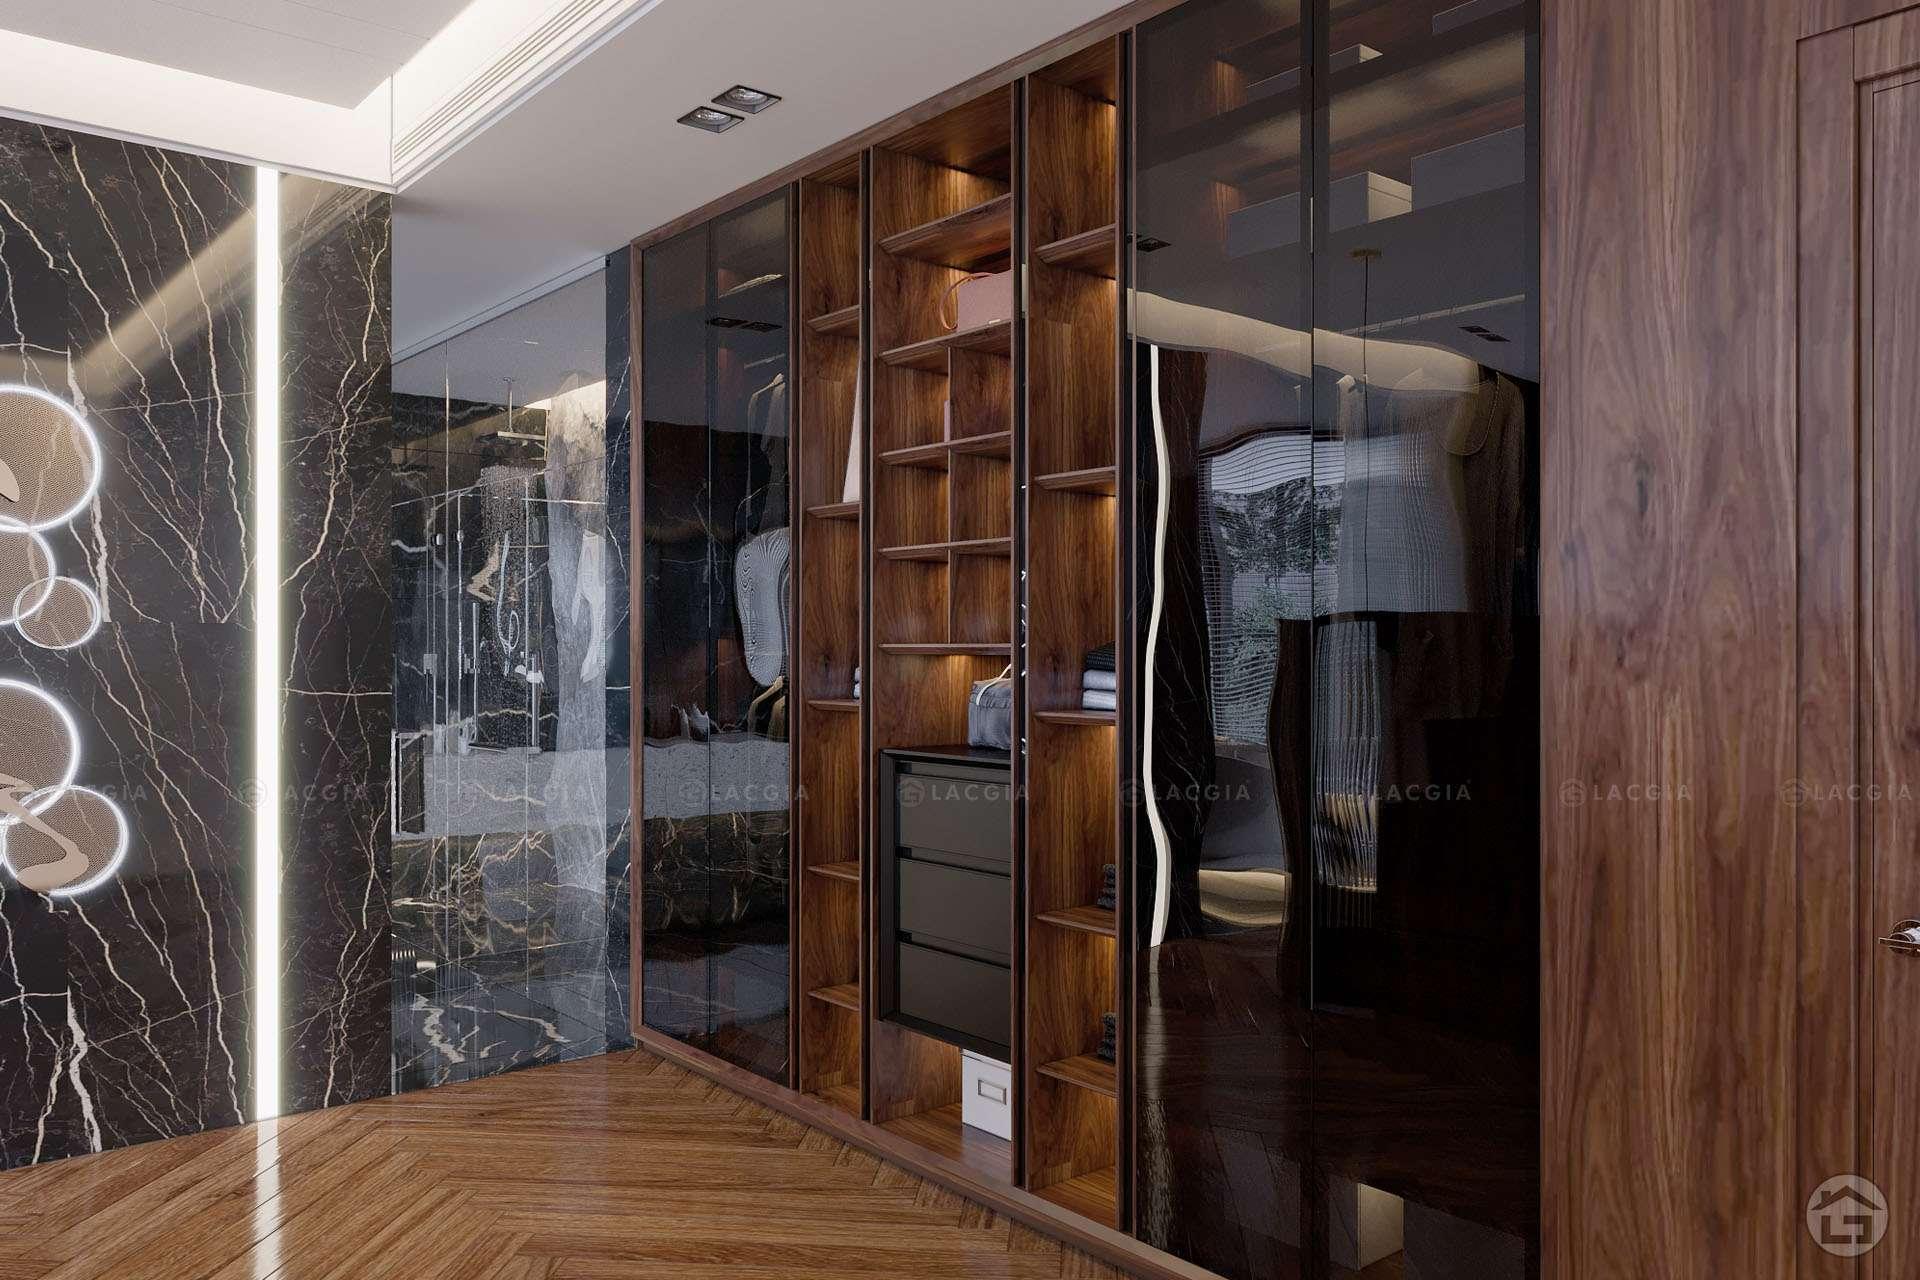 thiet ke noi that biet thu ecopark 7 - Thiết kế và thi công nội thất đẹp, sang trọng tại Yên Bái